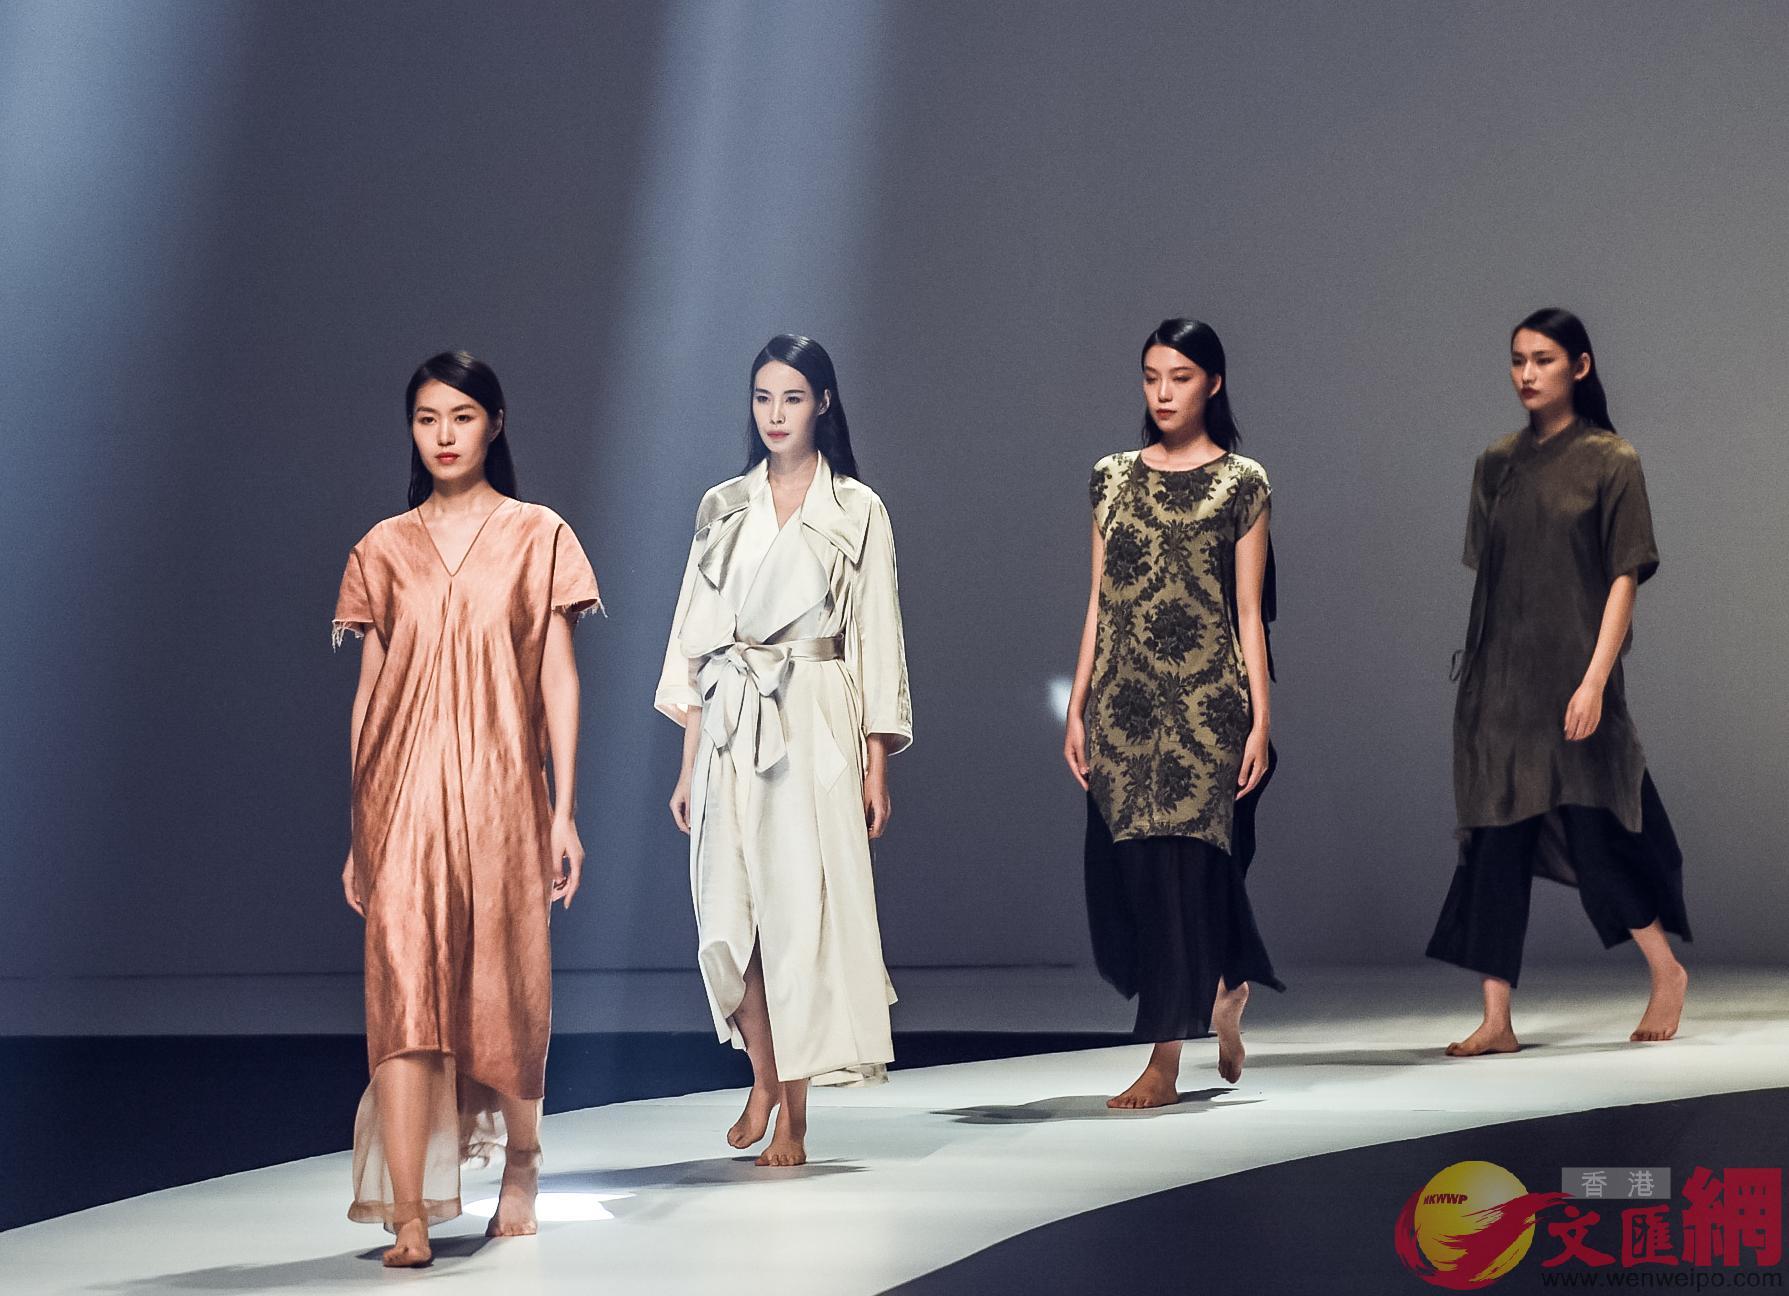 粵港澳大灣區將對標國際其他三大灣區,打造全球時尚中心。(記者 方俊明 攝)